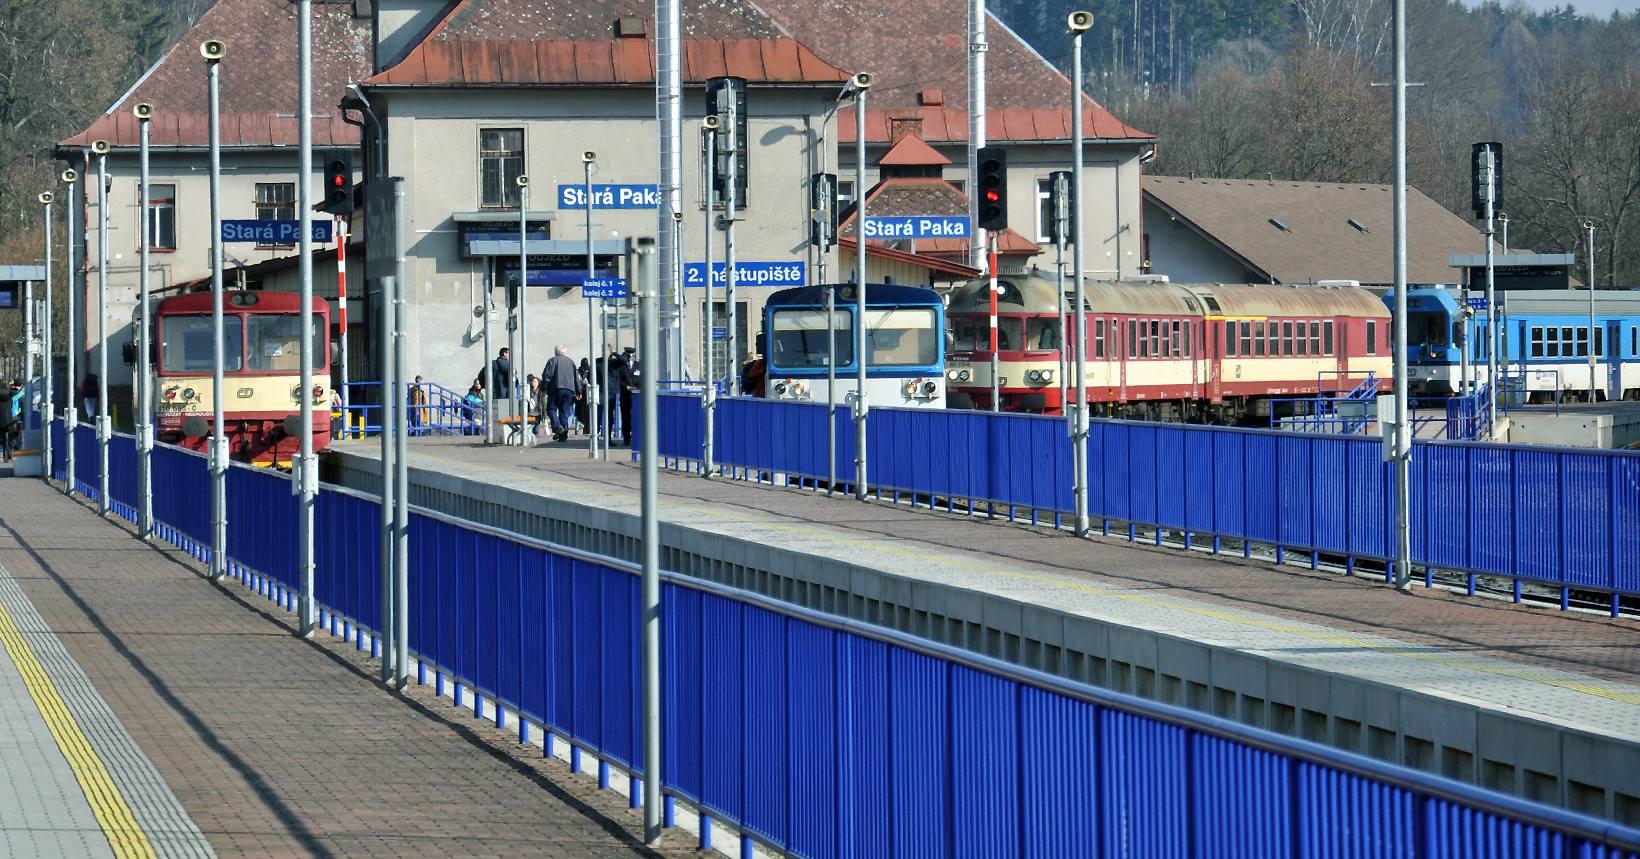 Instalace zábradlí ve stanici Stará Paka. Foto: Zábradlománie